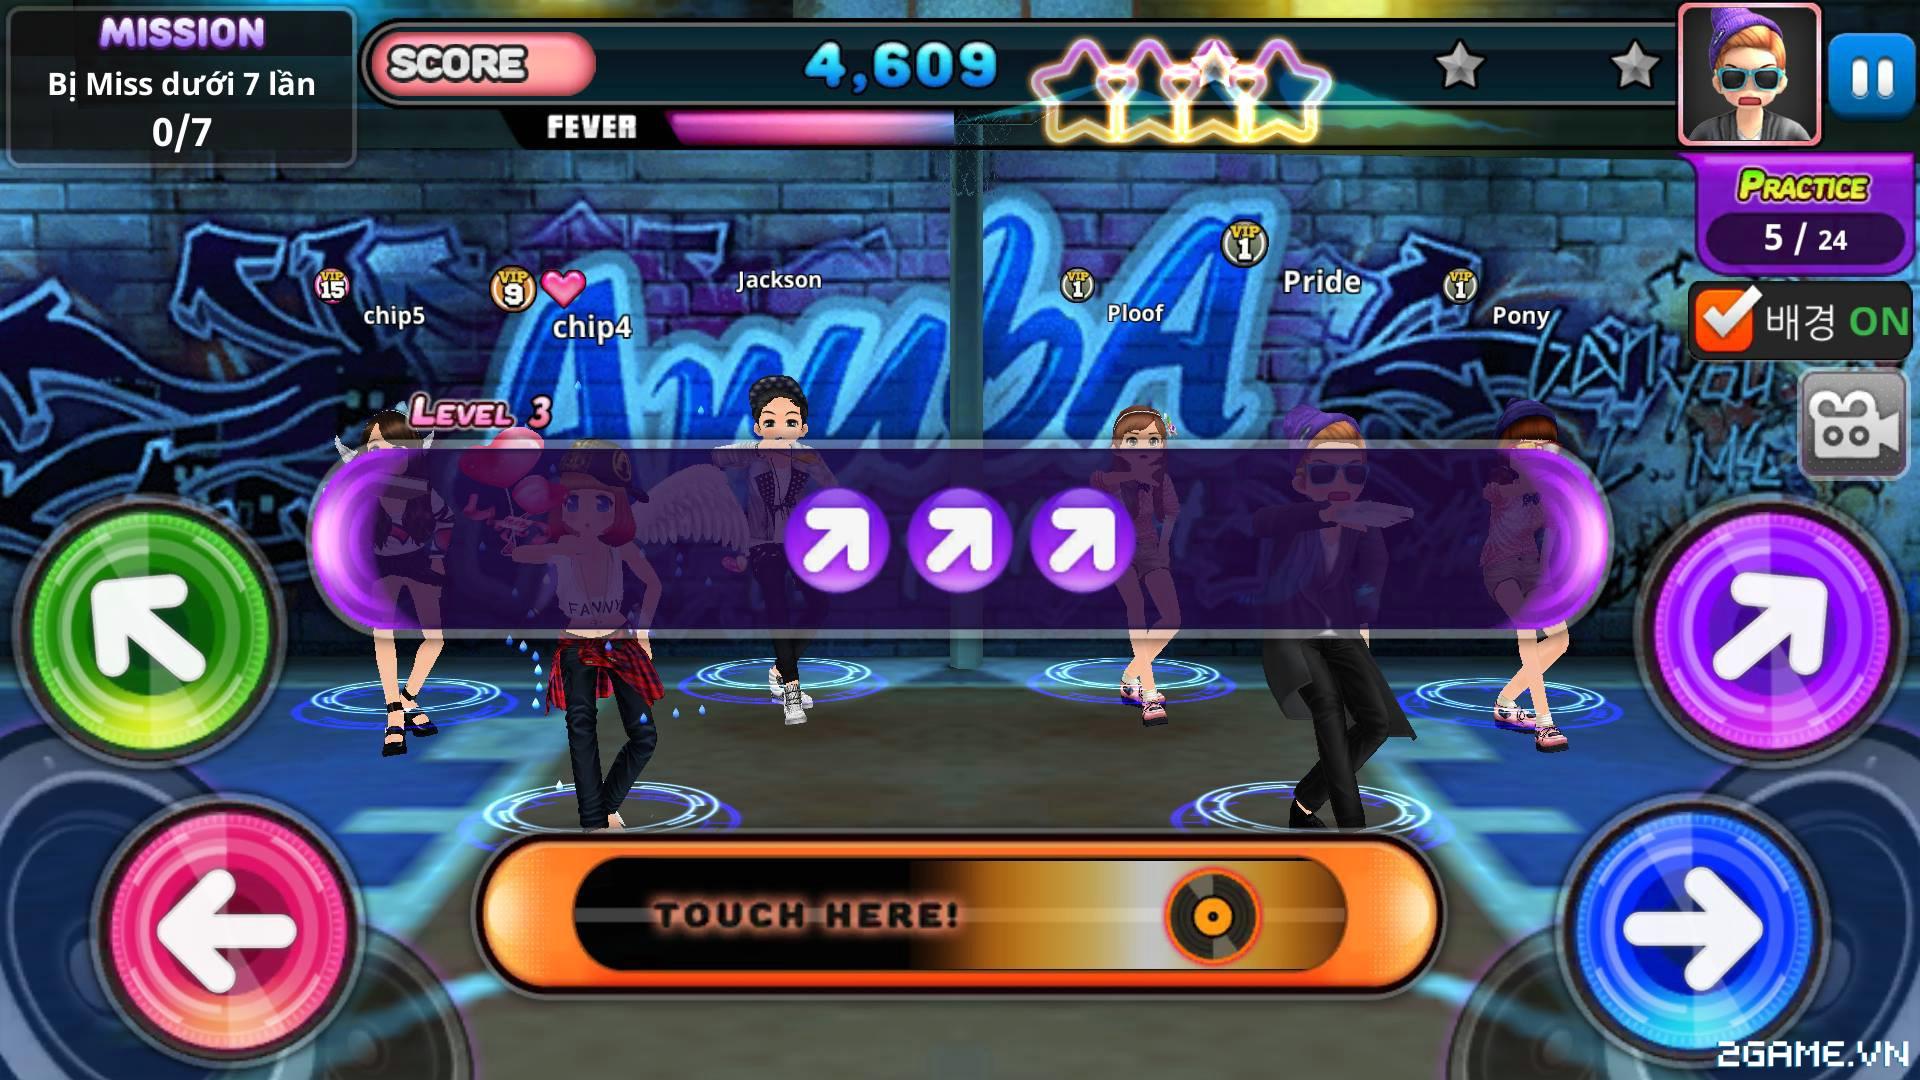 VTC Online sắp ra mắt game nhảy Audition X 4